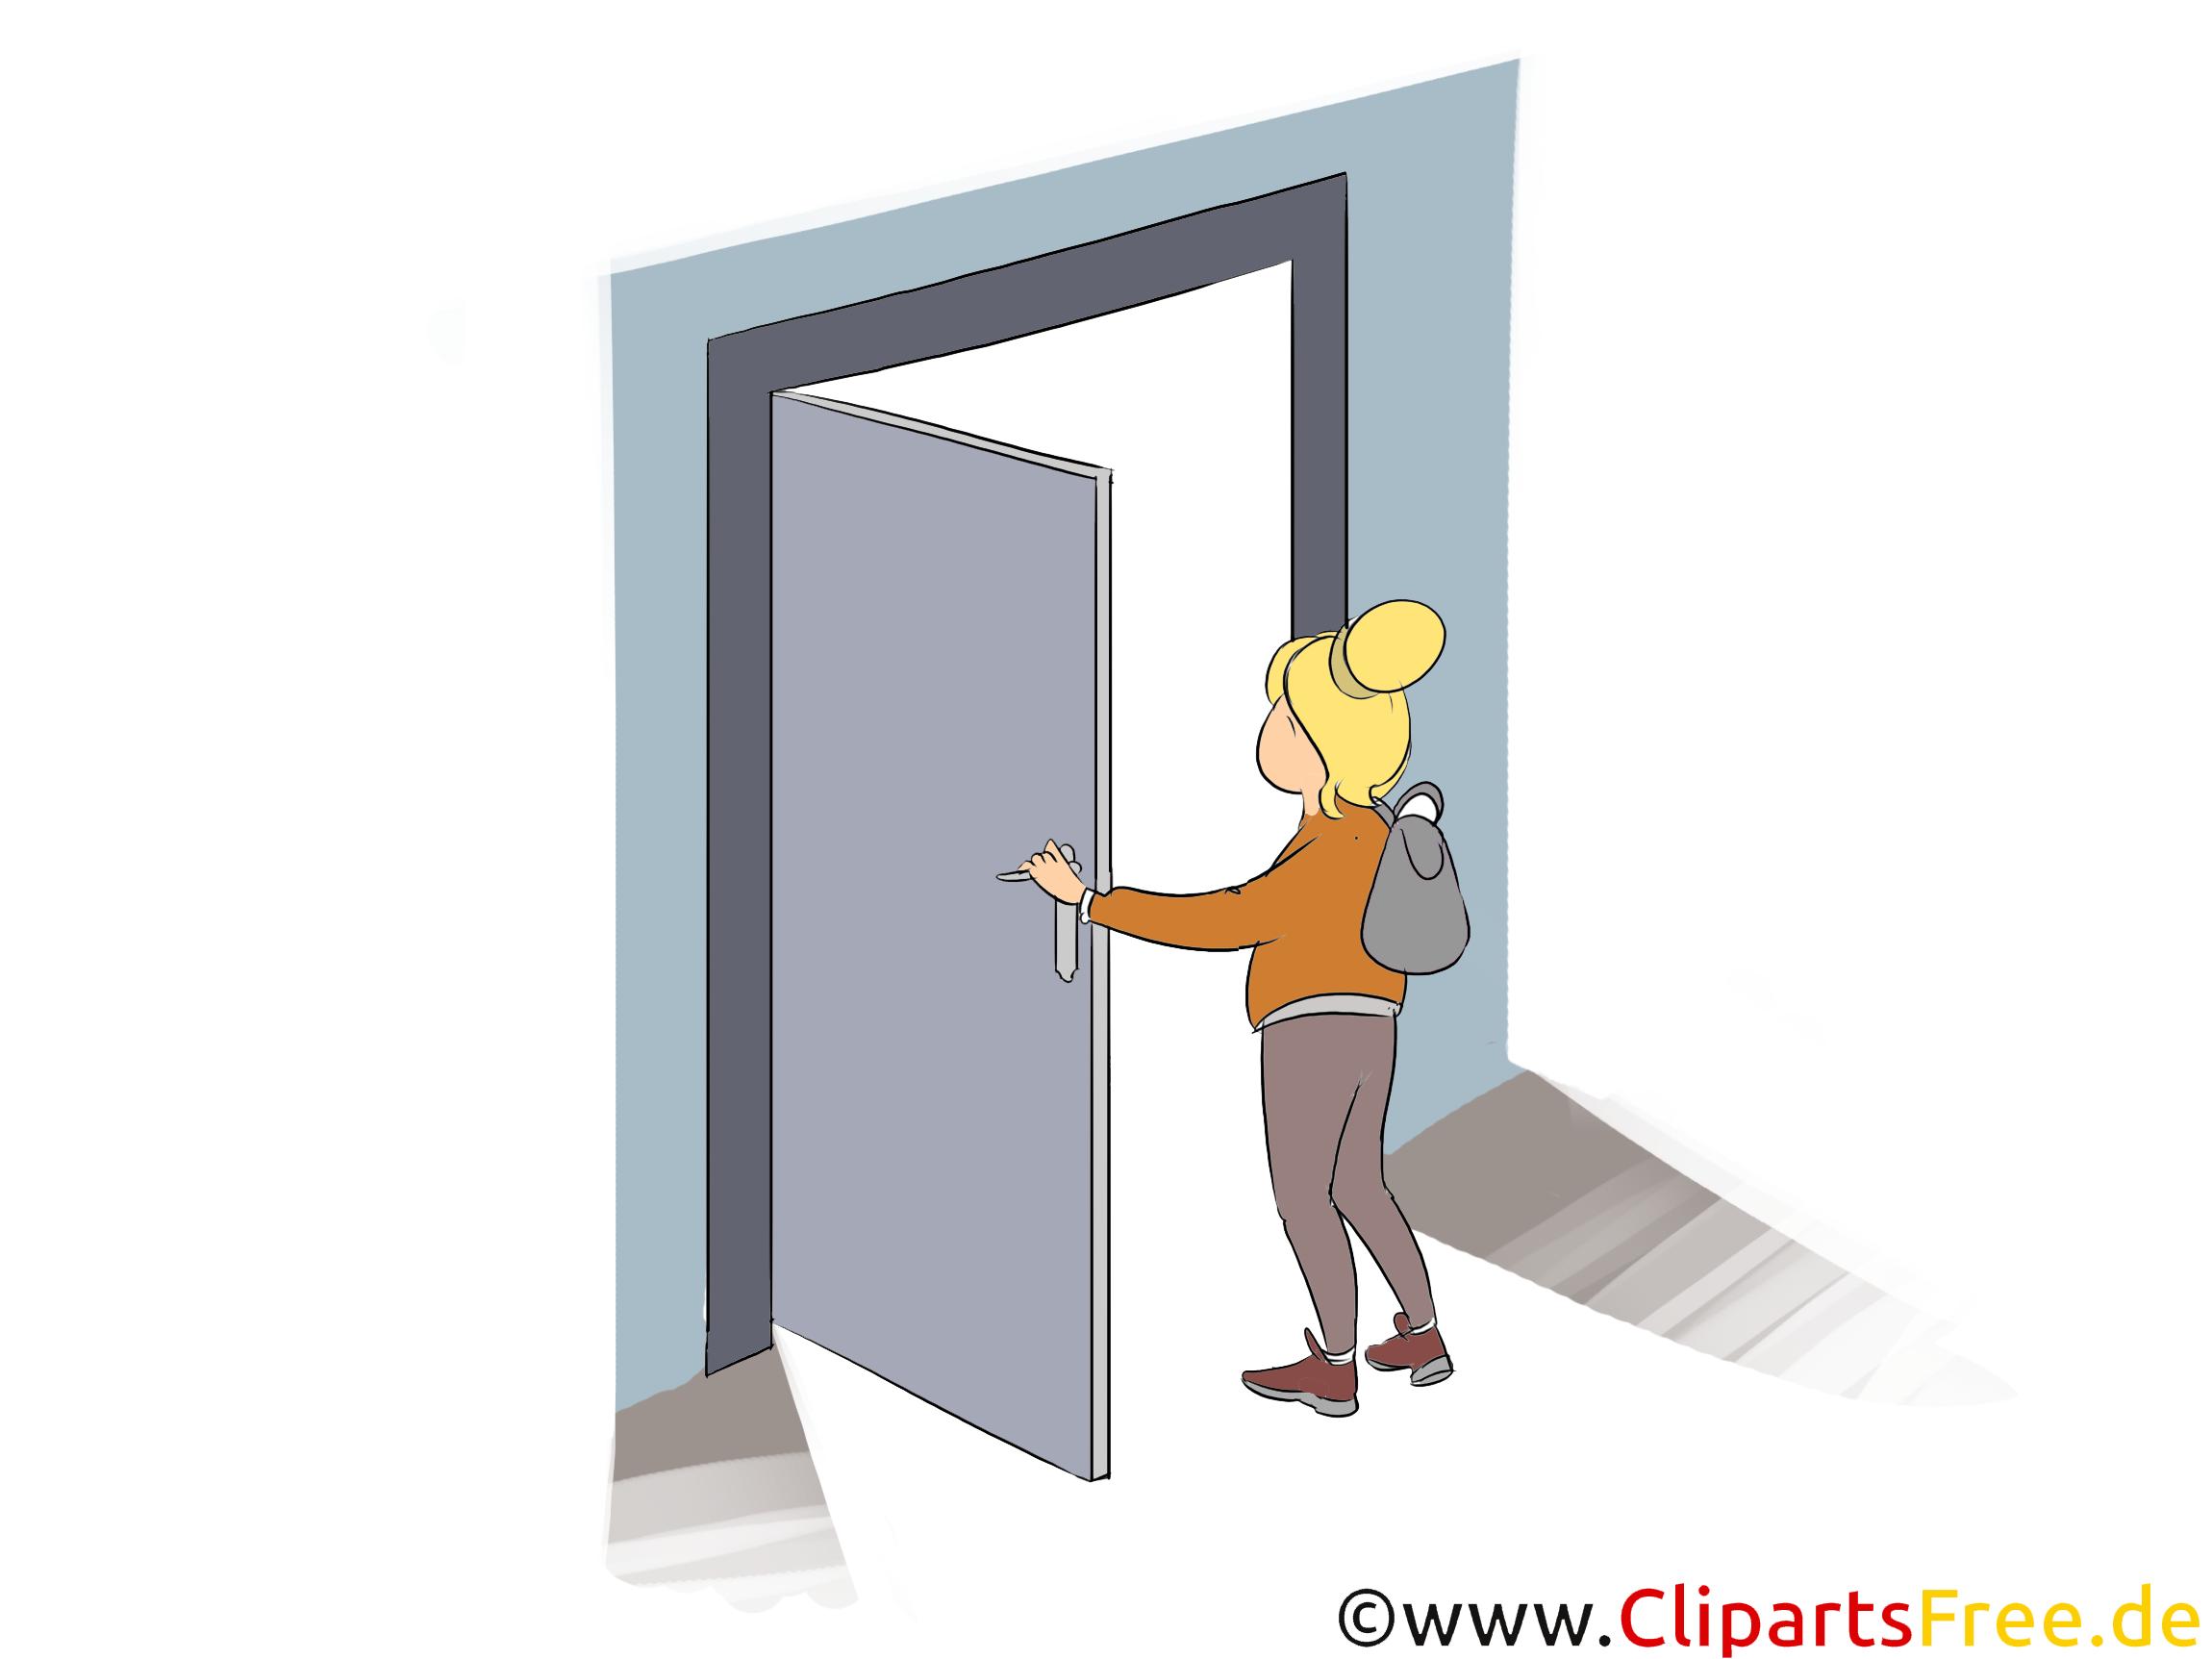 Frau öffnet Tür Clipart, Bild, Illustration